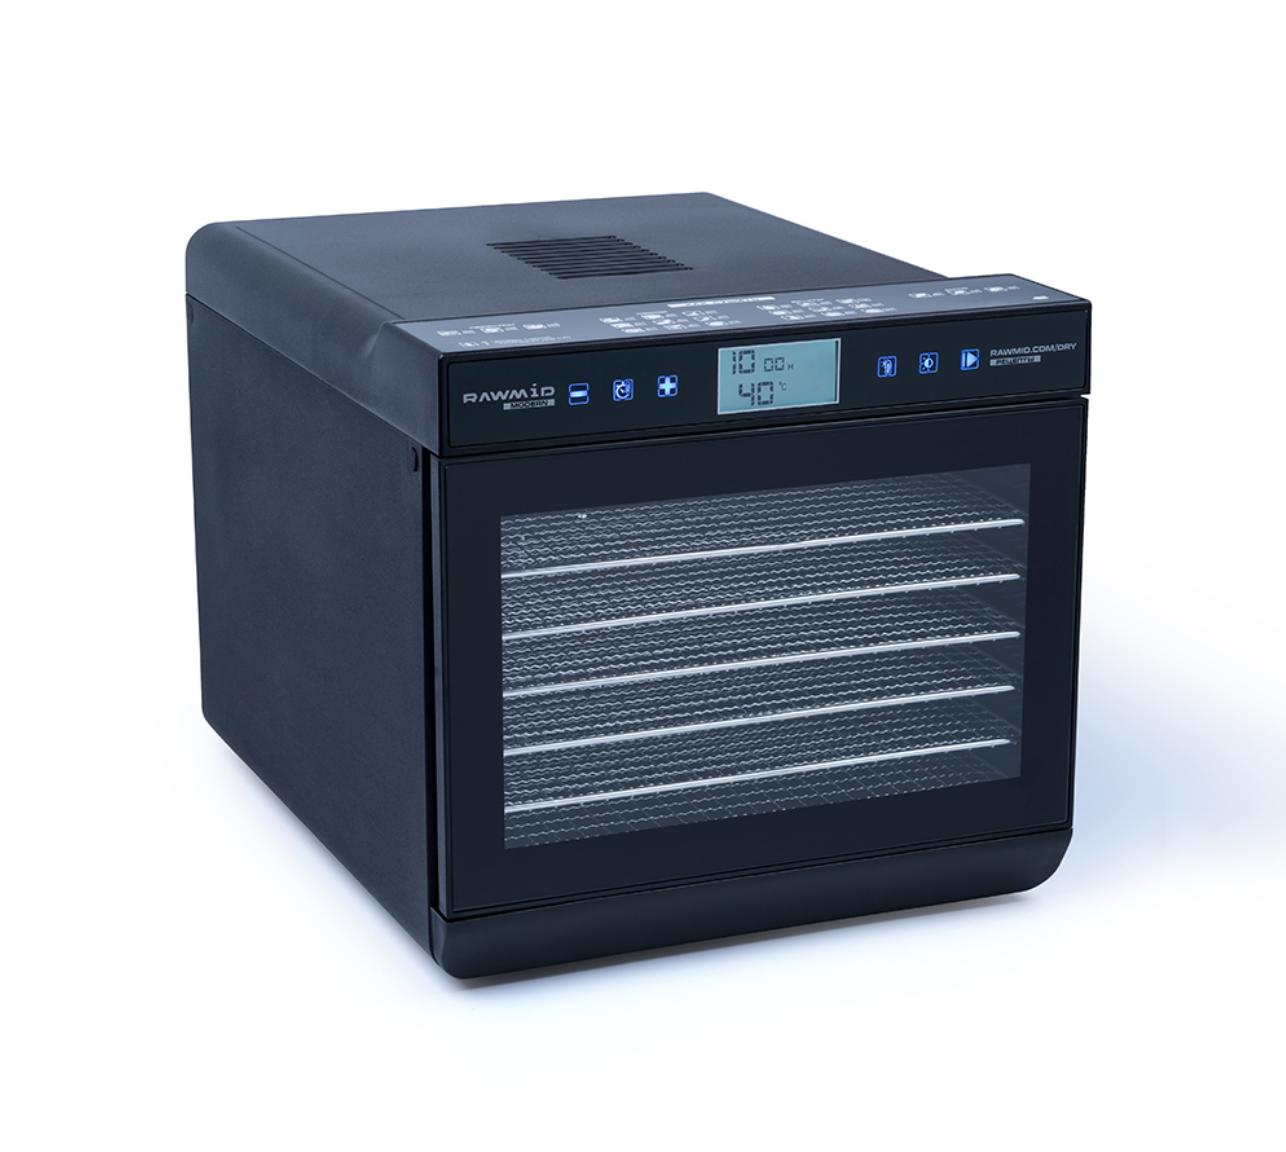 RawMID Дегидратор RAWMID Modern RMD-07 (стальные лотки) 2019-07-17_16-52-09.png